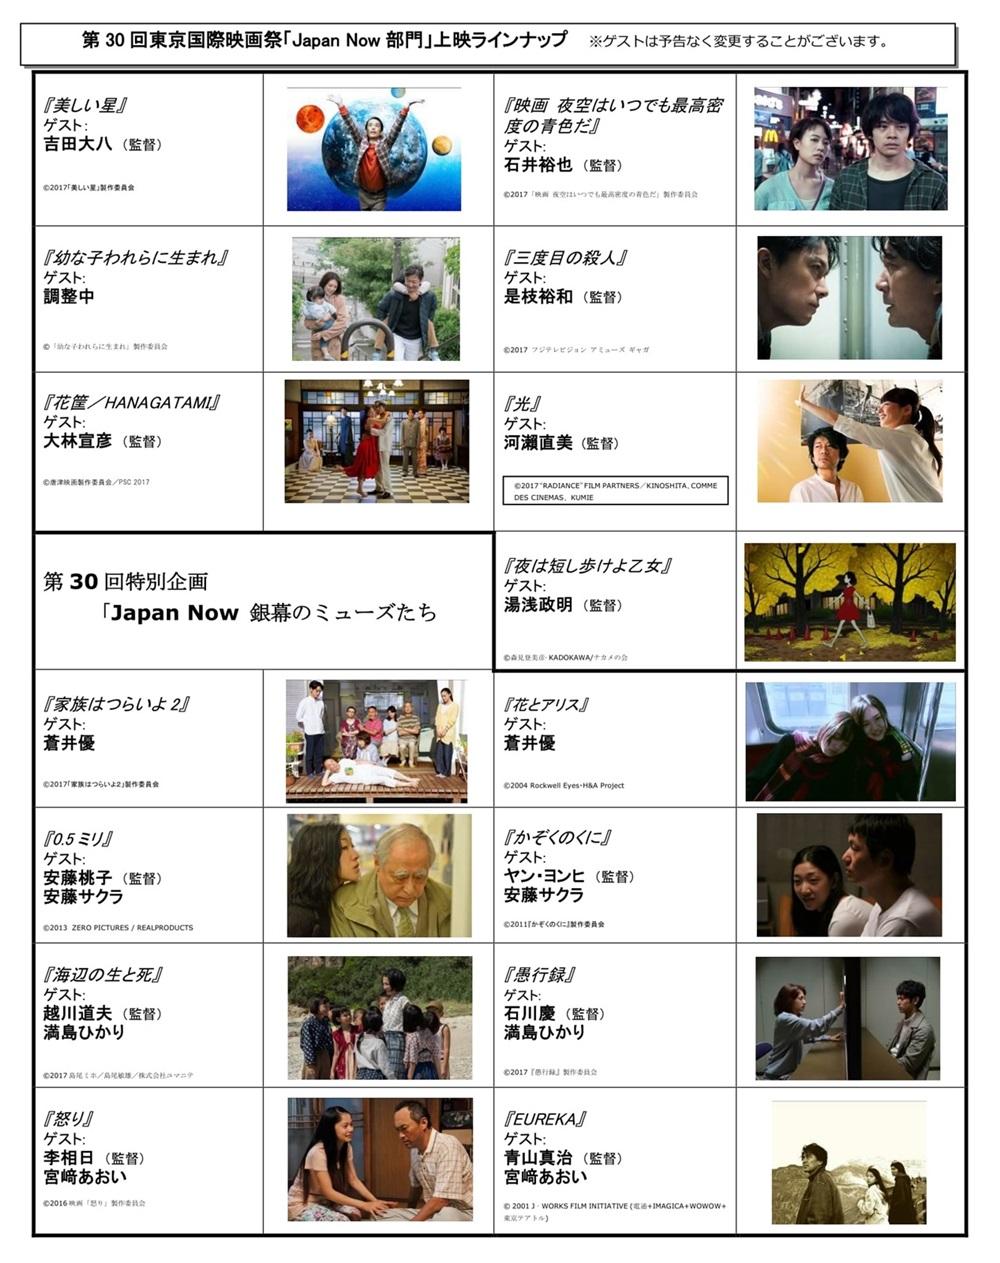 【画像】第30回 東京国際映画祭(TIFF) Japan Now 部門 上映ラインナップ & ゲスト情報